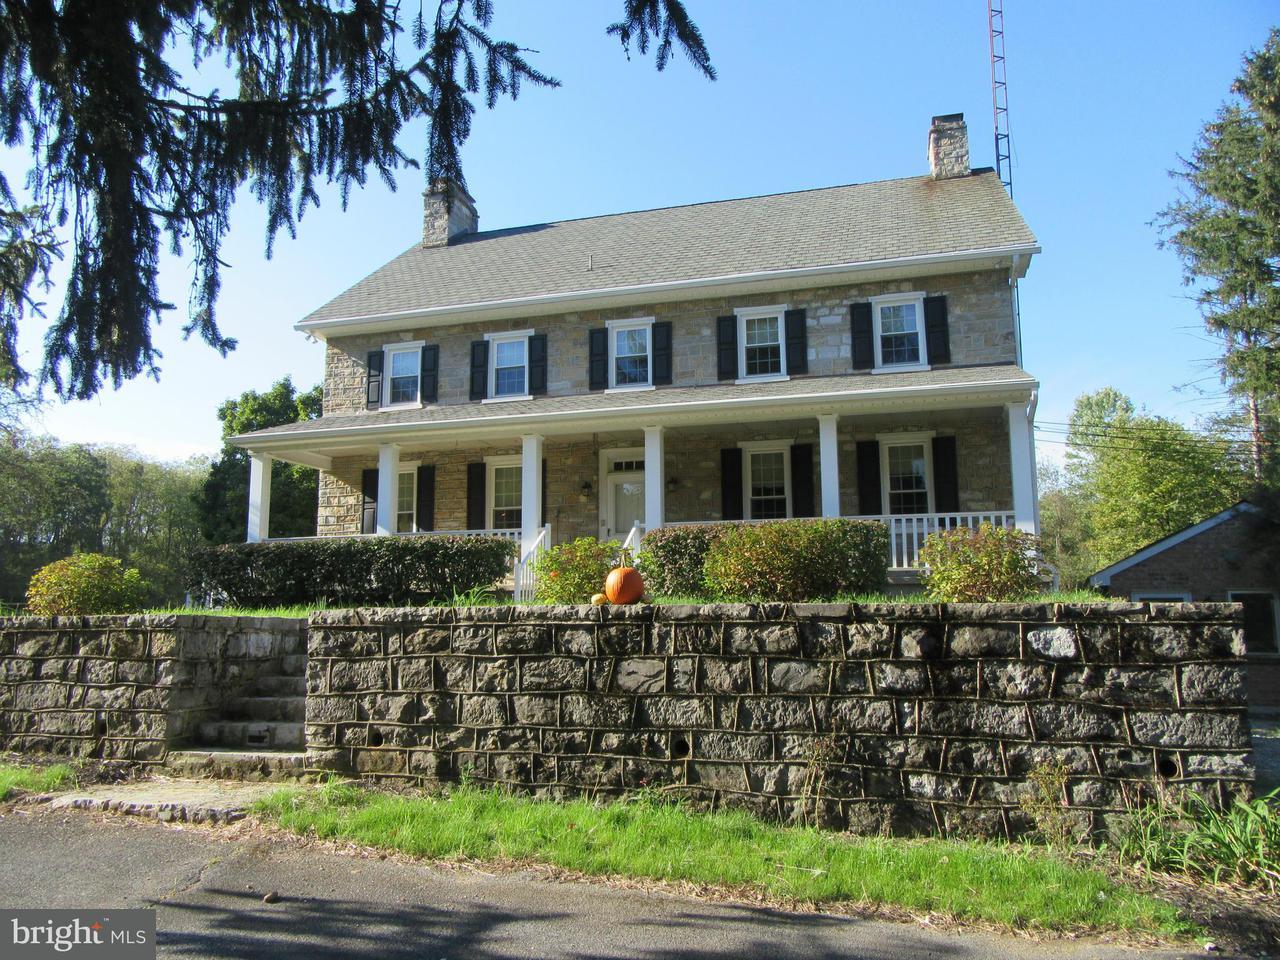 Einfamilienhaus für Verkauf beim 10332 FORT STOUFFER Road 10332 FORT STOUFFER Road Greencastle, Pennsylvanien 17225 Vereinigte Staaten